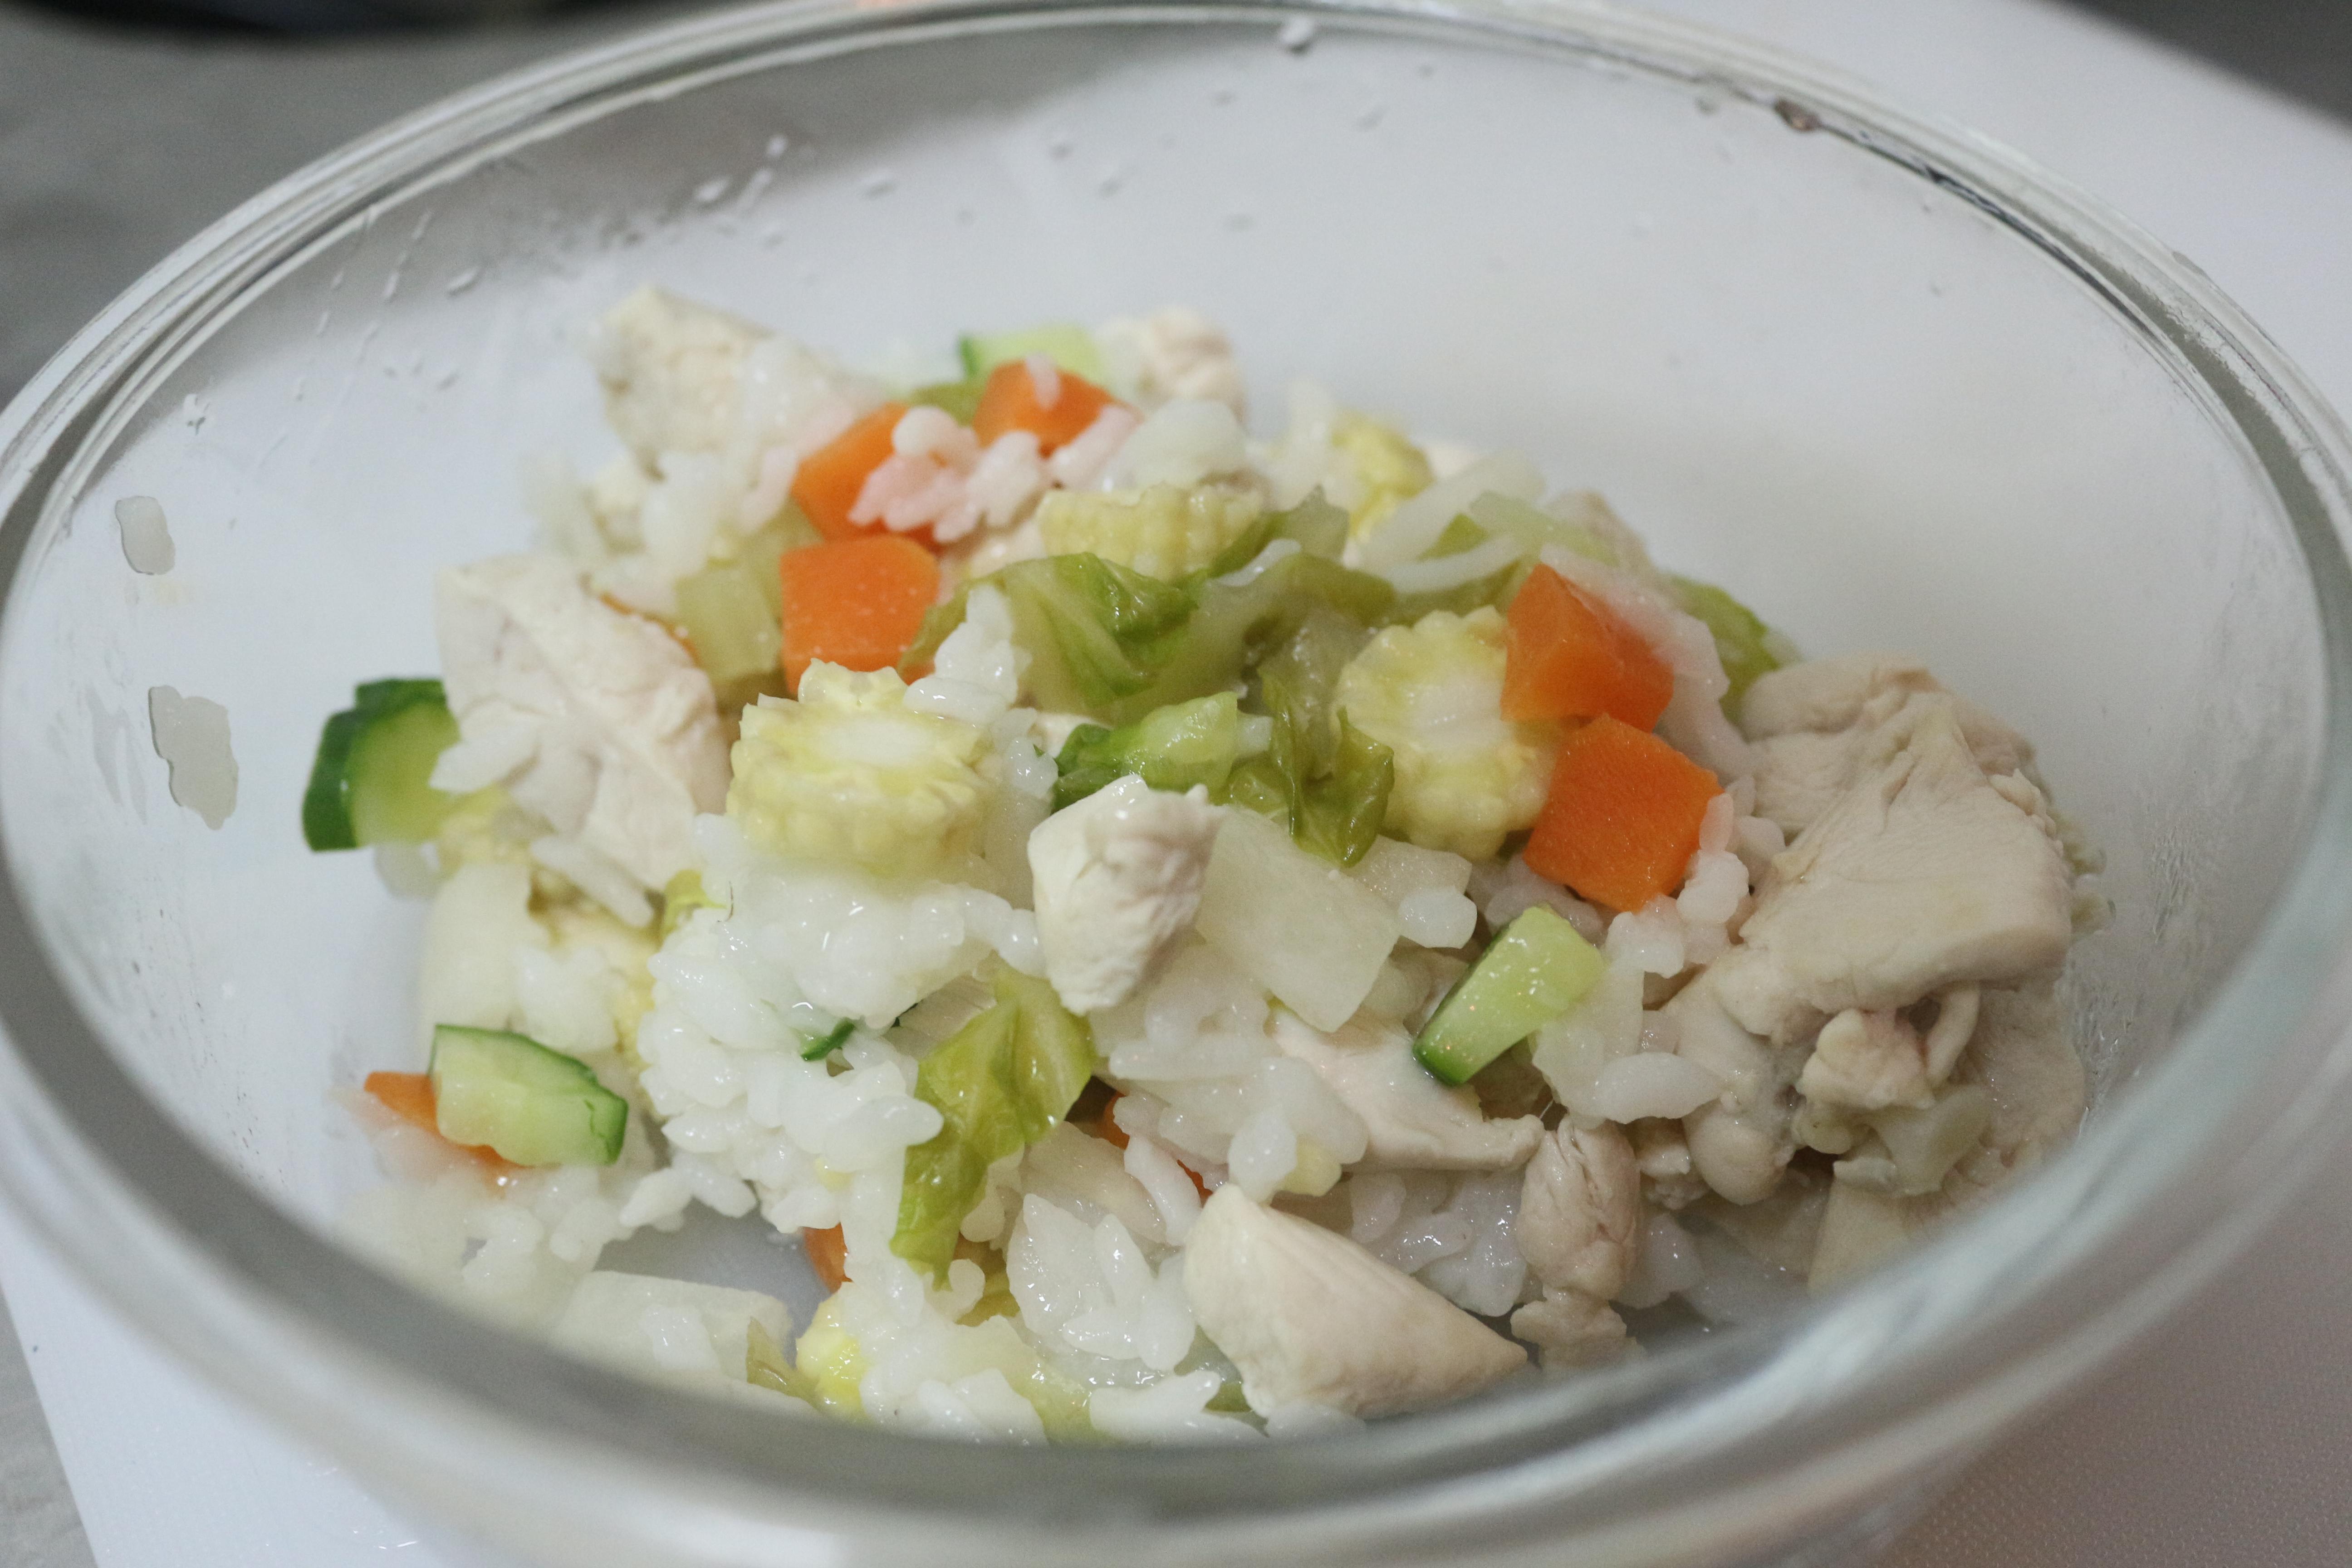 雞胸肉鮮蔬燉飯。 攝影/吳冠輝